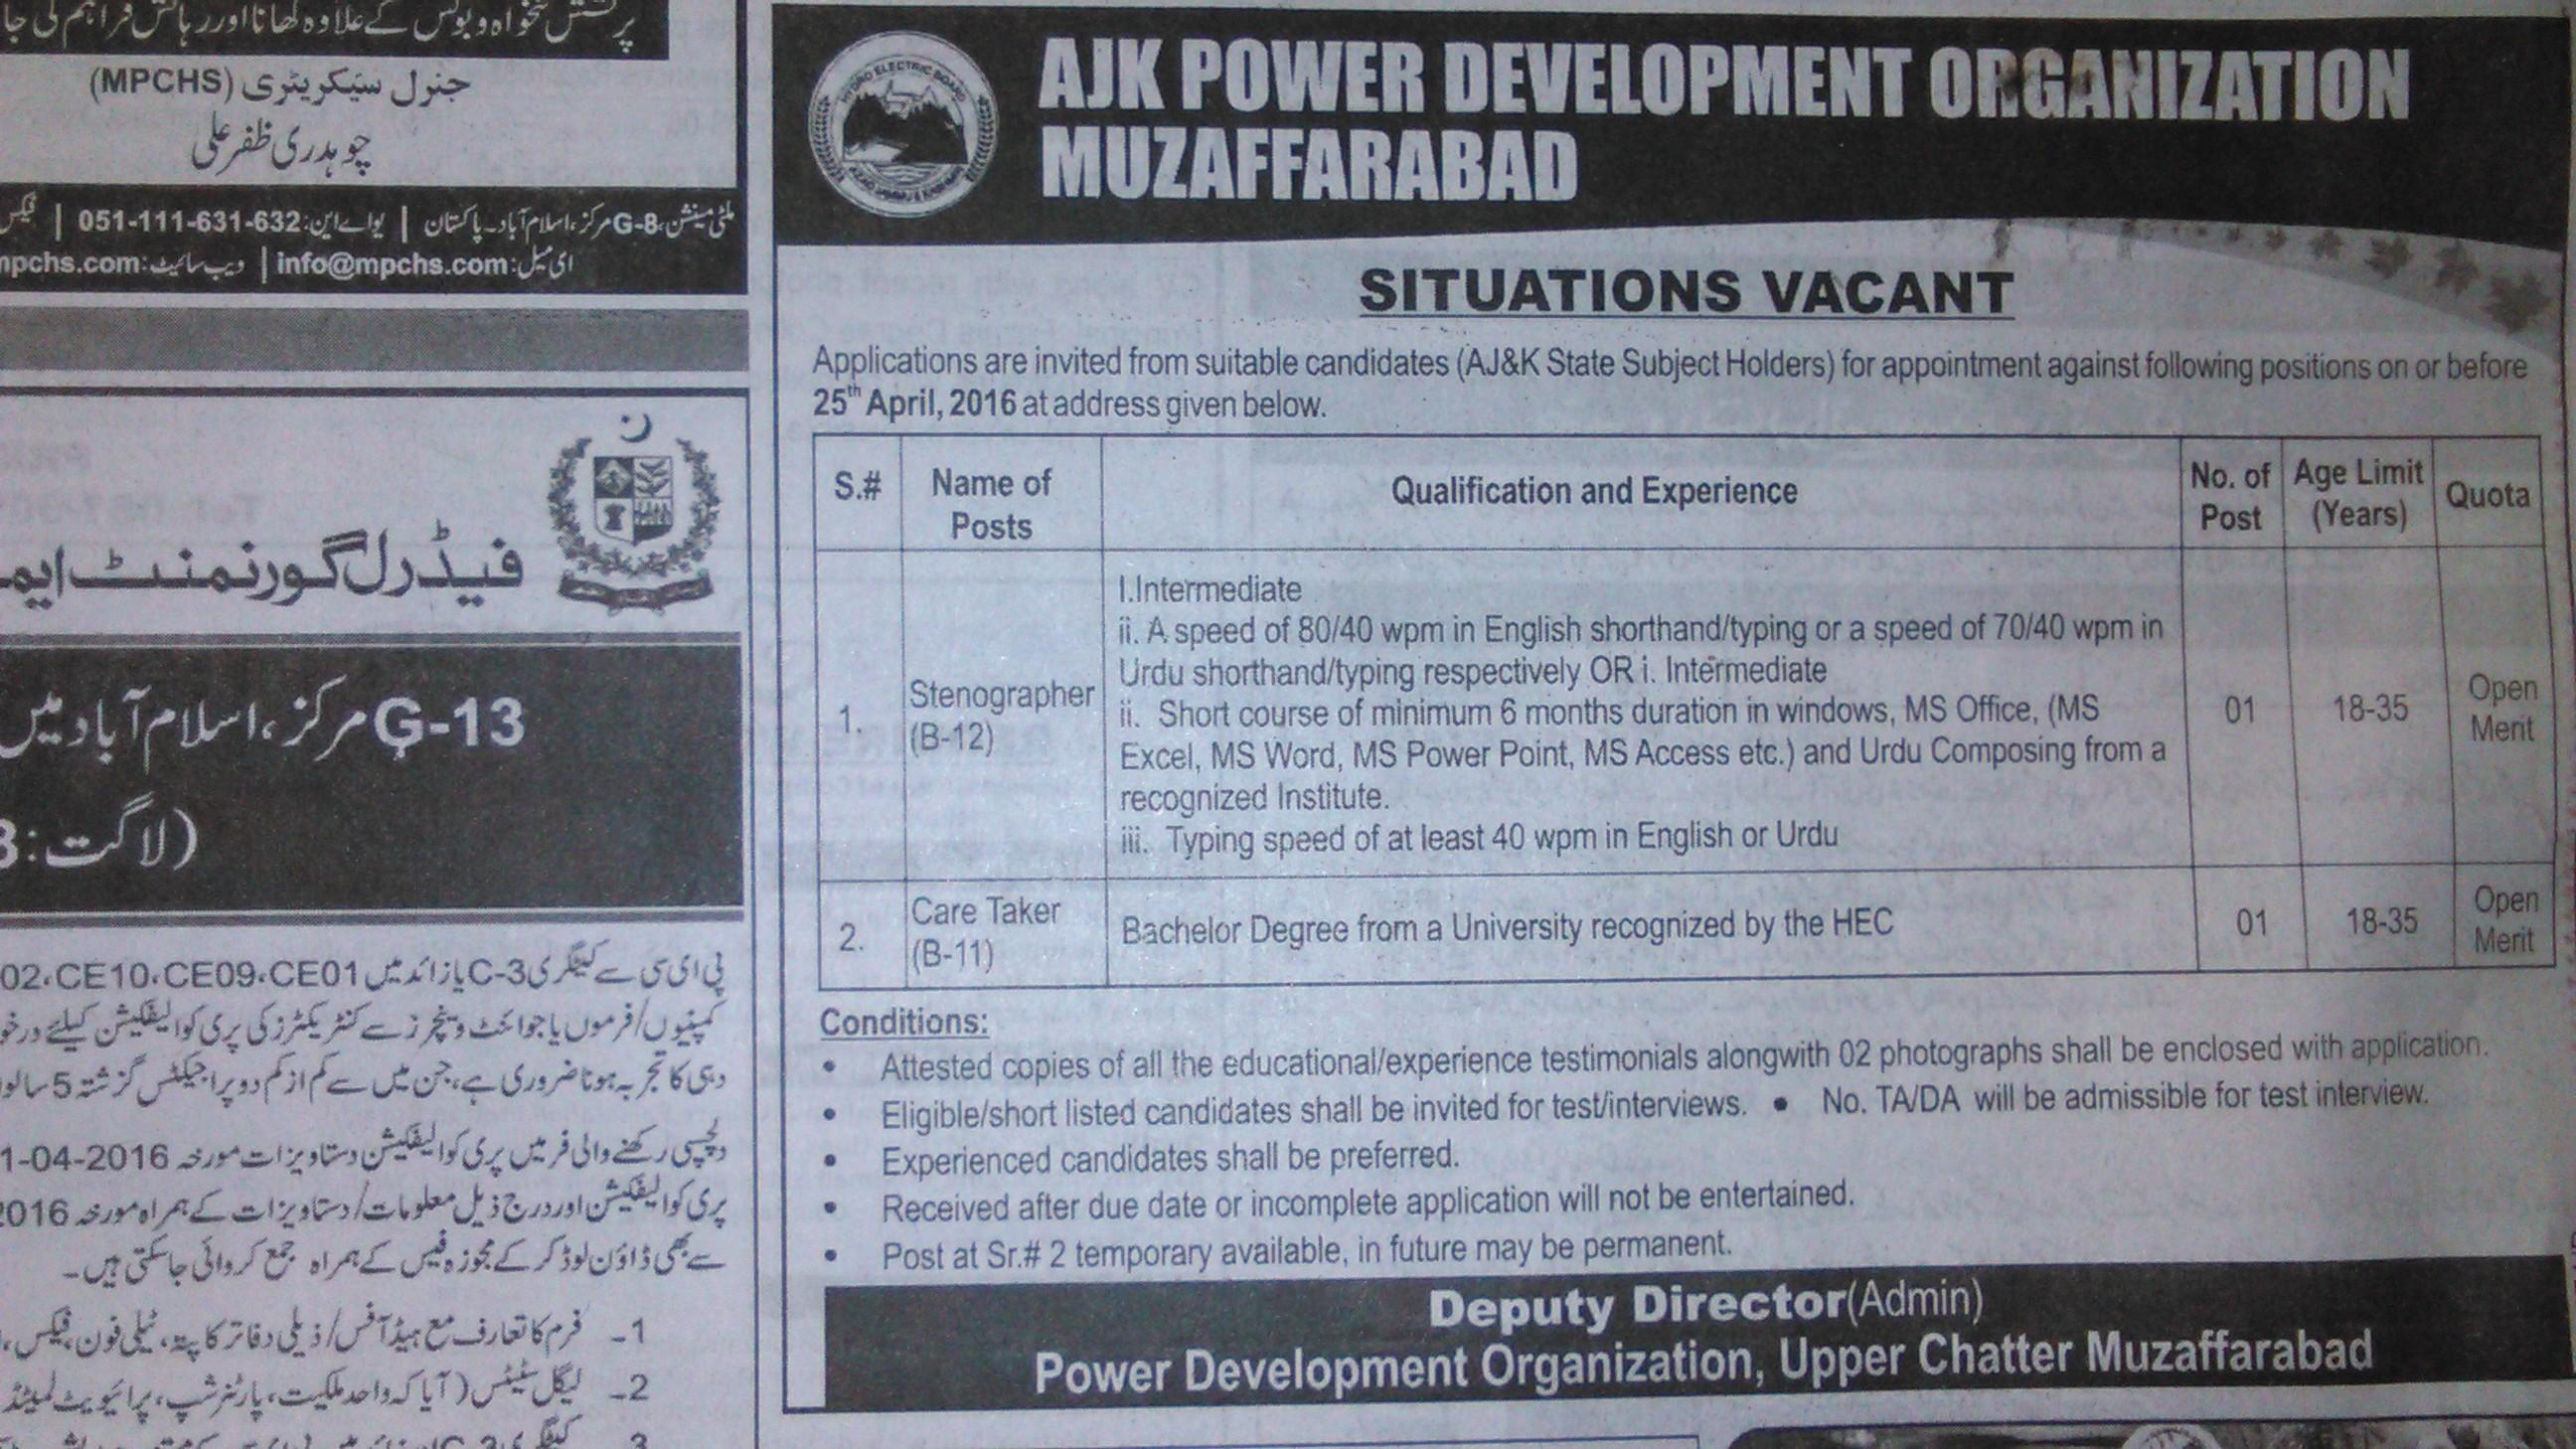 AJK Power Development Organization Jobs 2016